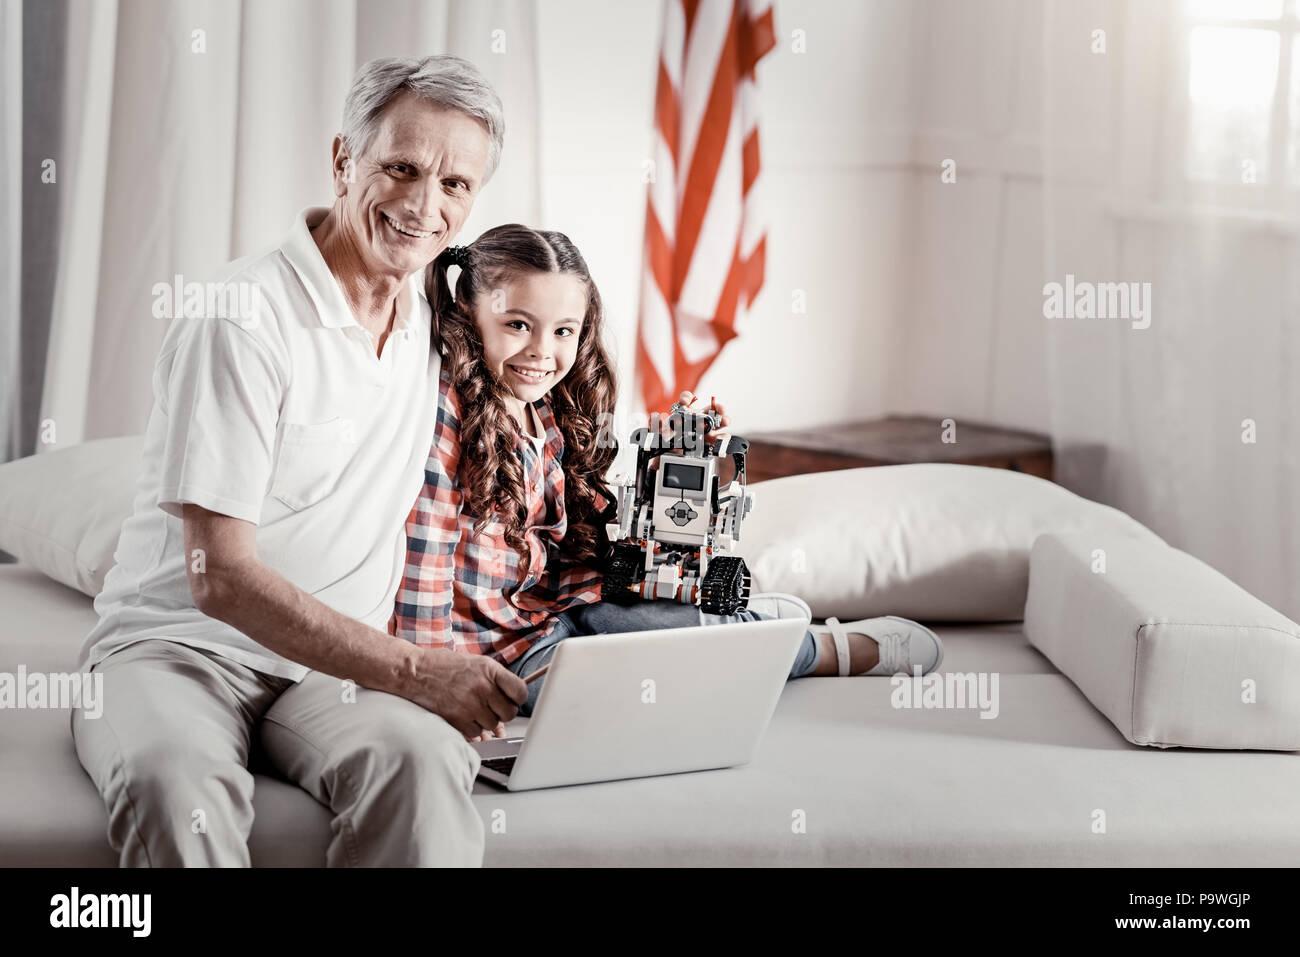 Dépenses de temps ensemble. Joyeux Heureux grand-père insouciant et grandkid souriant pour l'appareil photo alors que girl hugging toy debout sur sa jambe avec une main Photo Stock